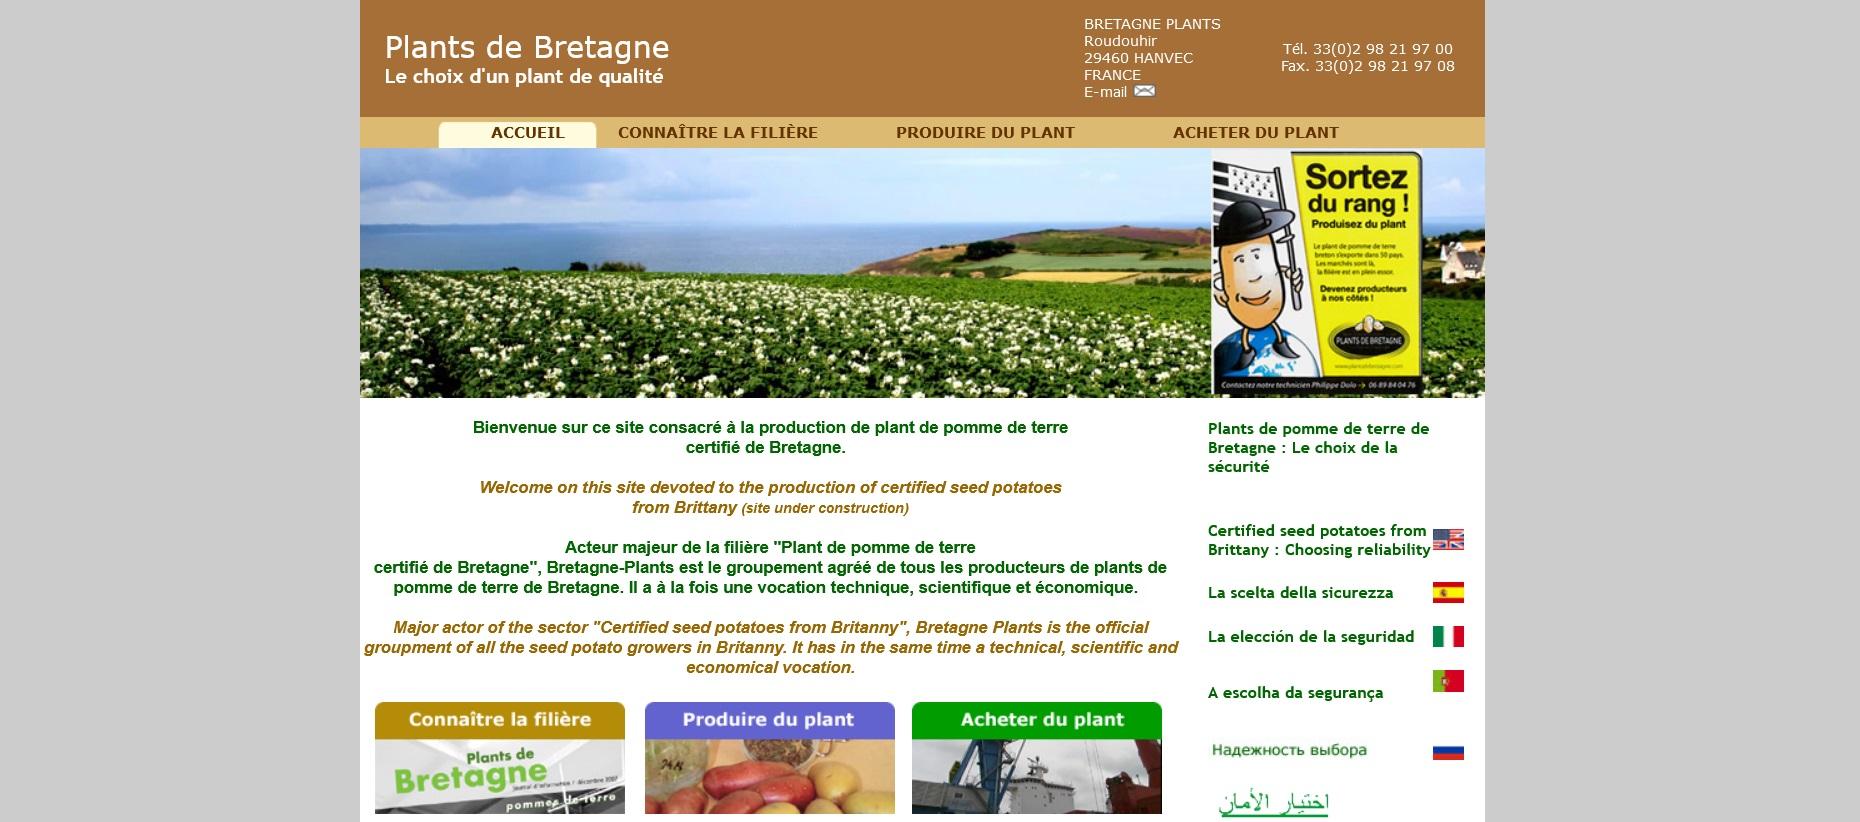 Un nouveau site pour Bretagne Pkants5 Plant de Bretagne